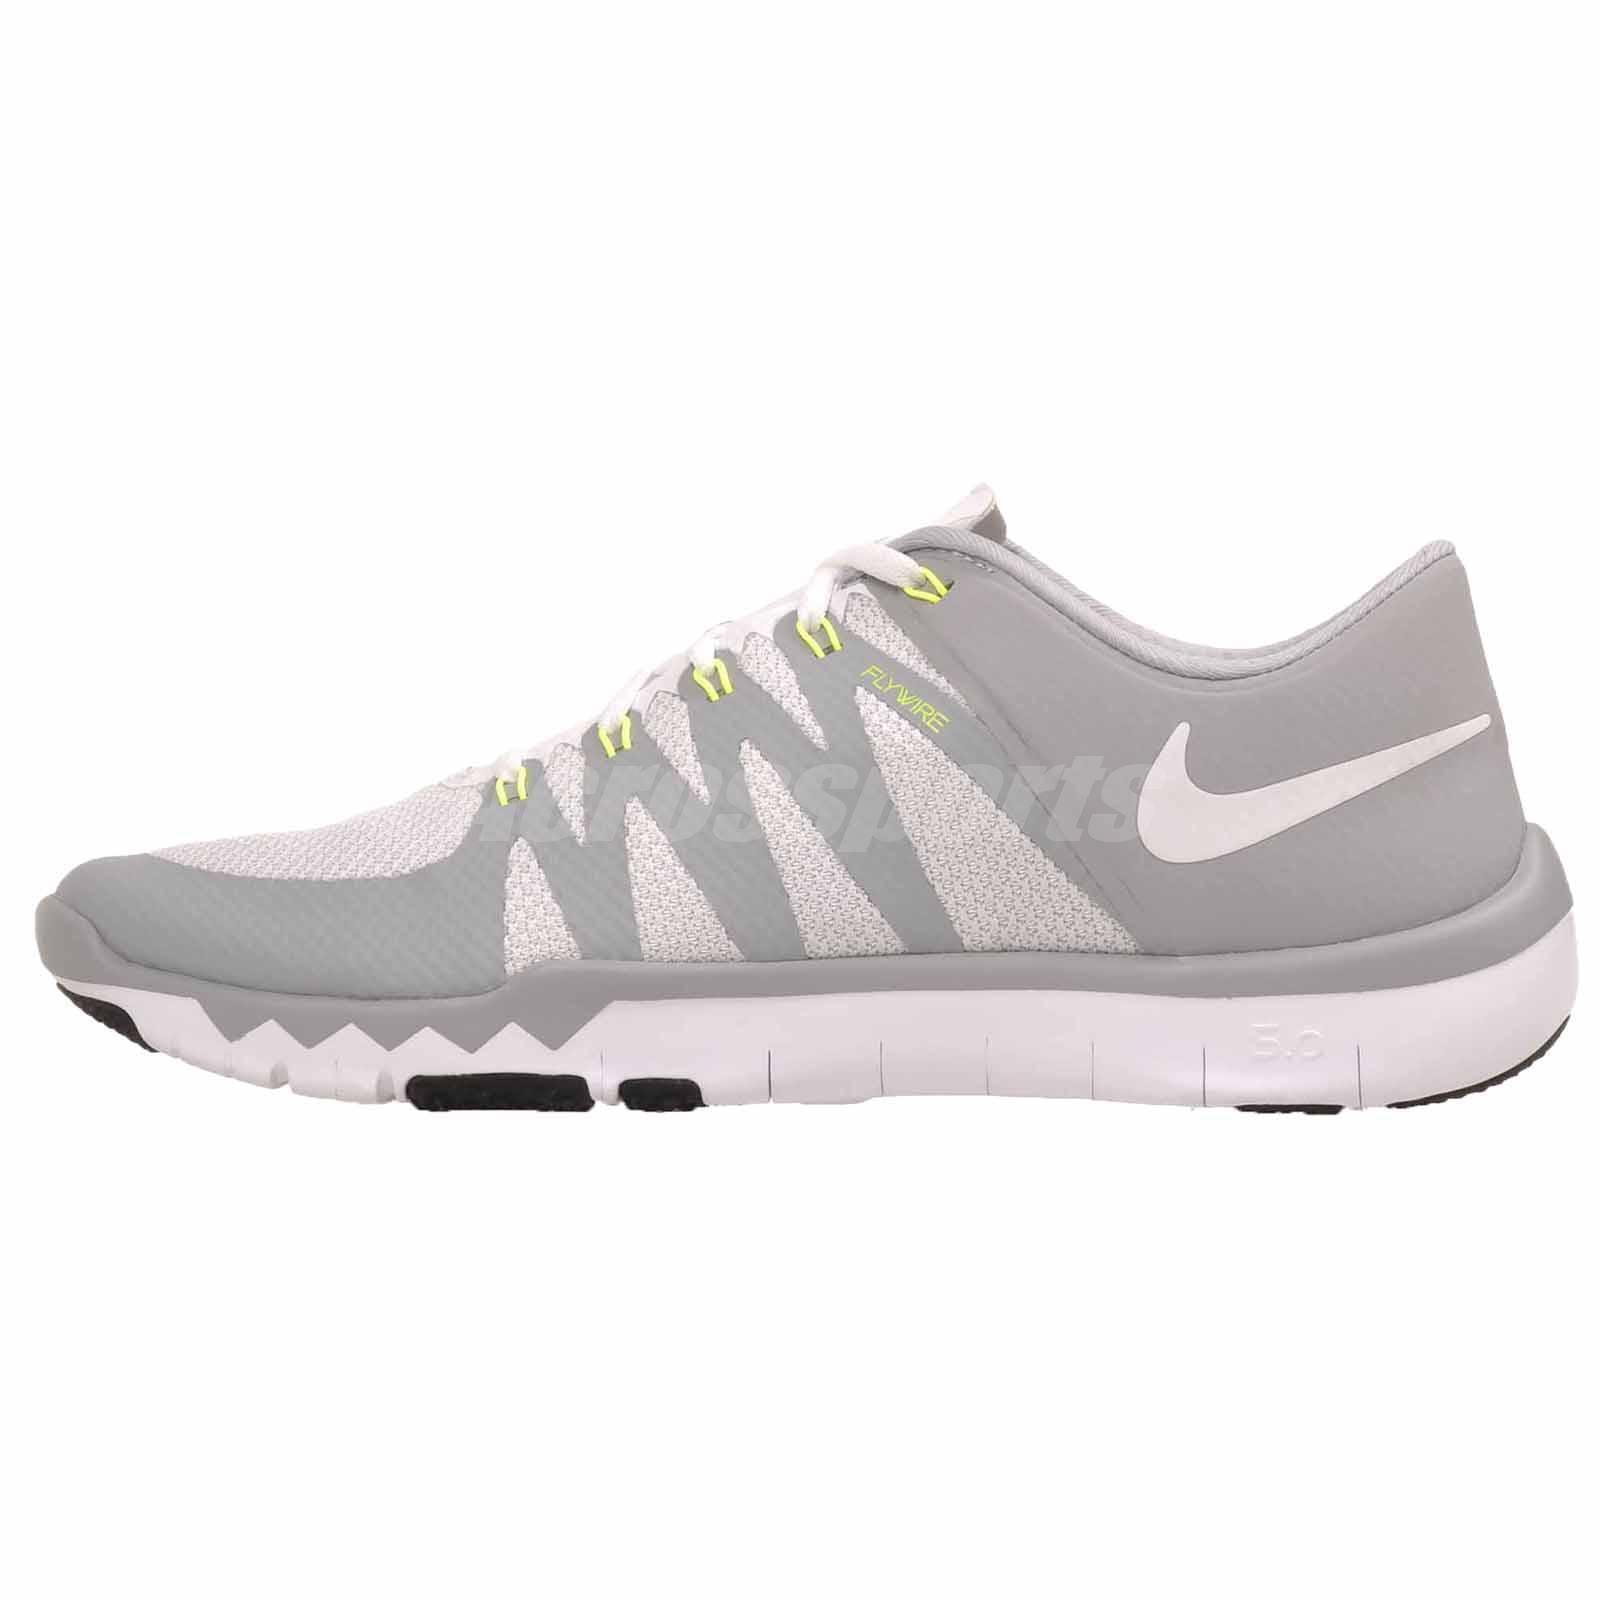 3510e38da514 Nike Trainer 5.0 V6 Mens 719922-100 Grey Athletic Training Shoes ...